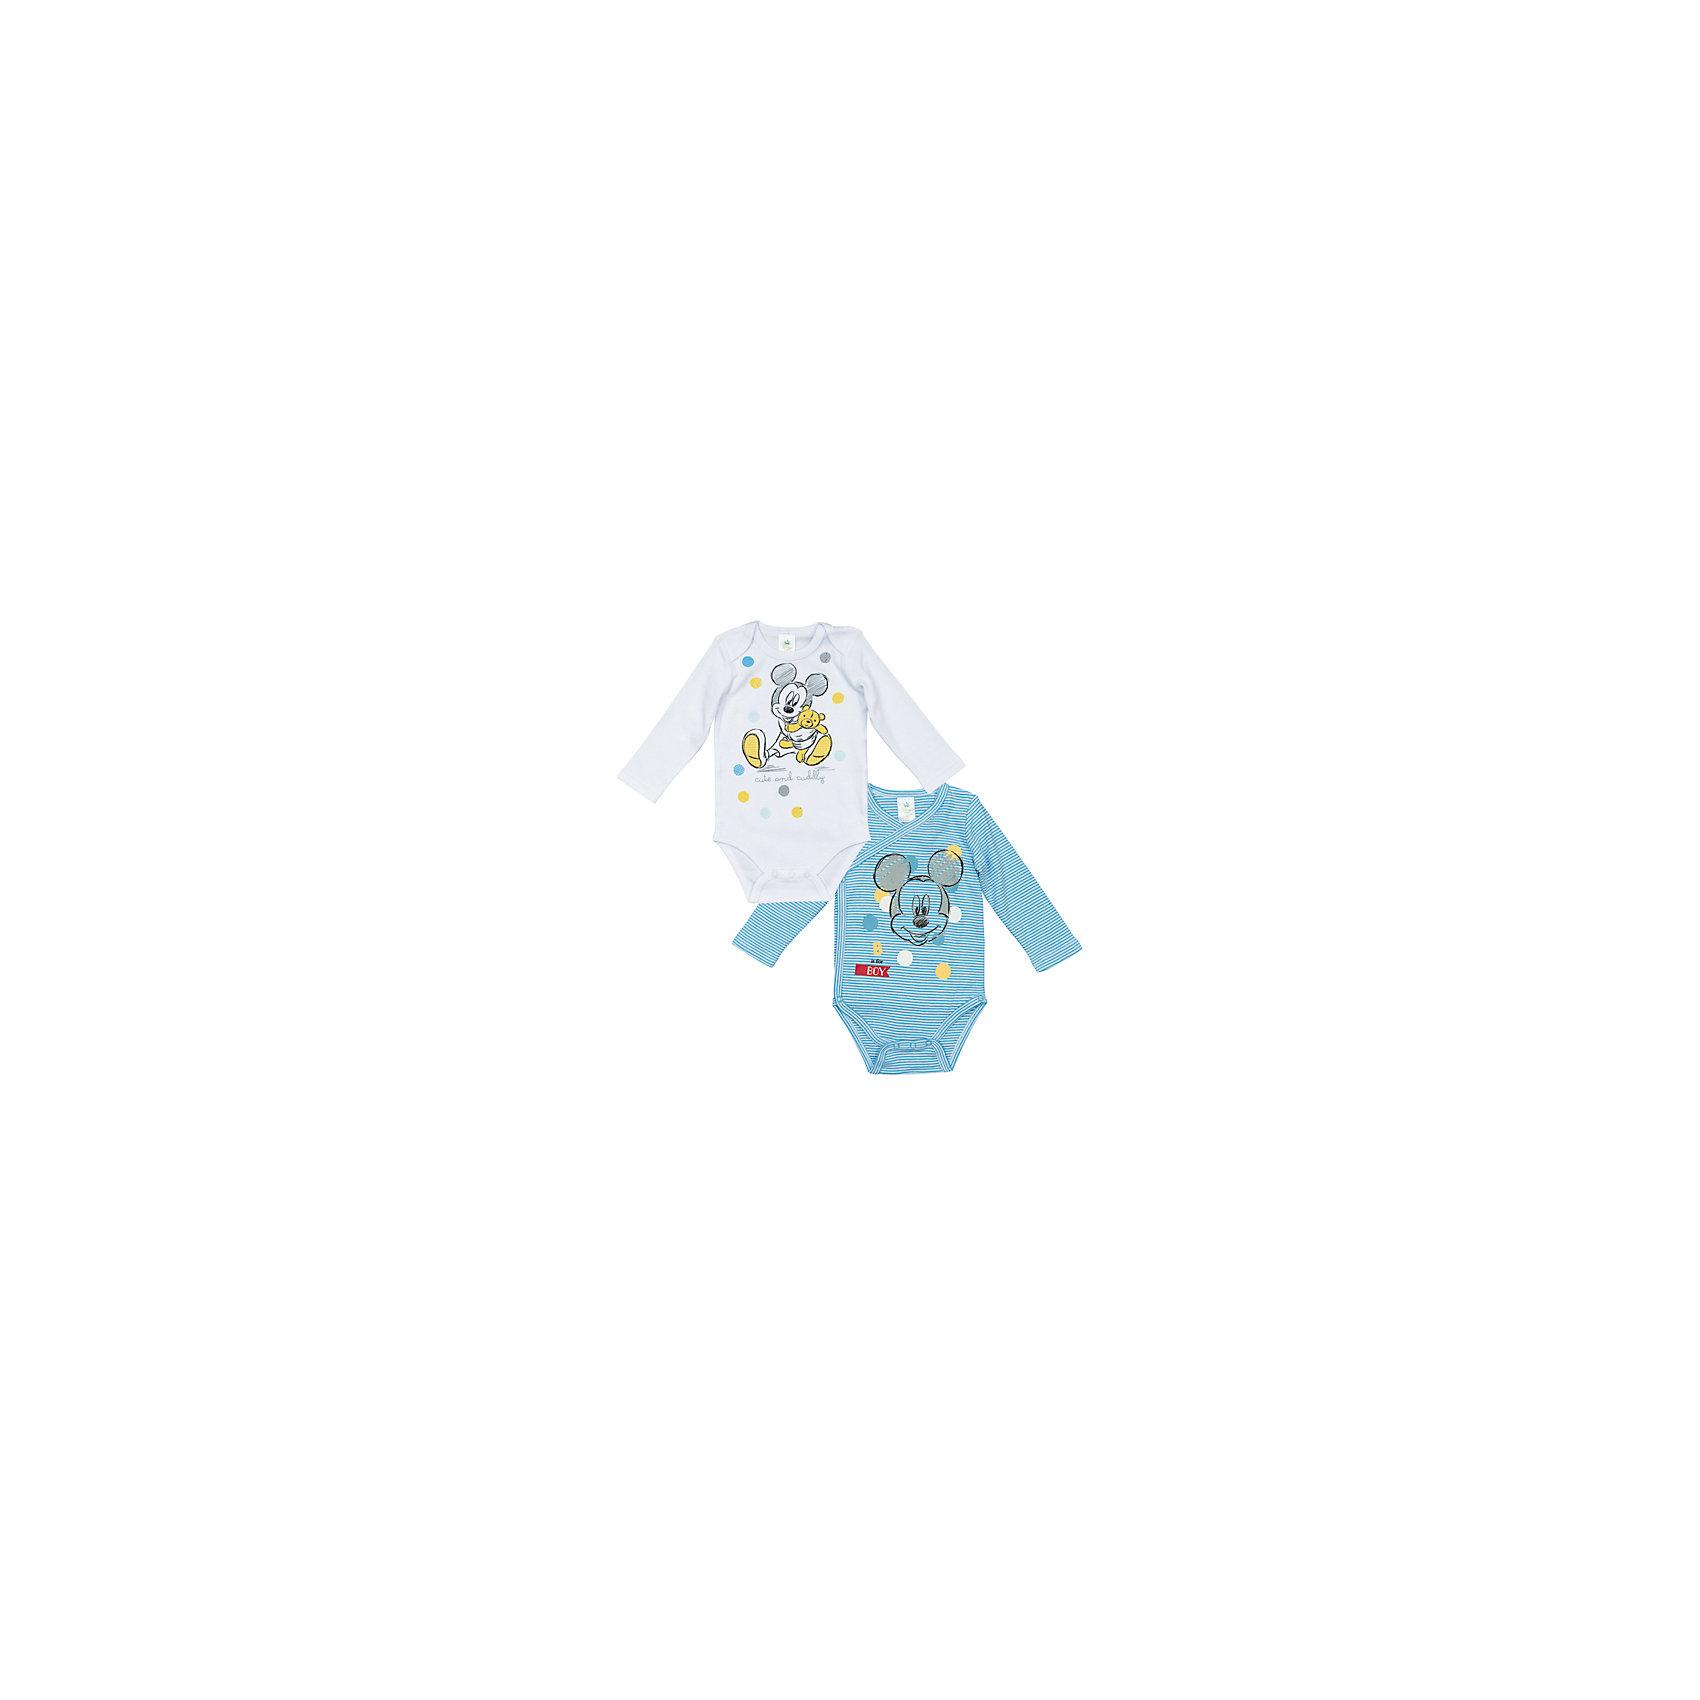 PlayToday Боди, 2 шт. для мальчика PlayToday комплект боди 2 шт детский babydays 0408 300 hbg f голубой р 74